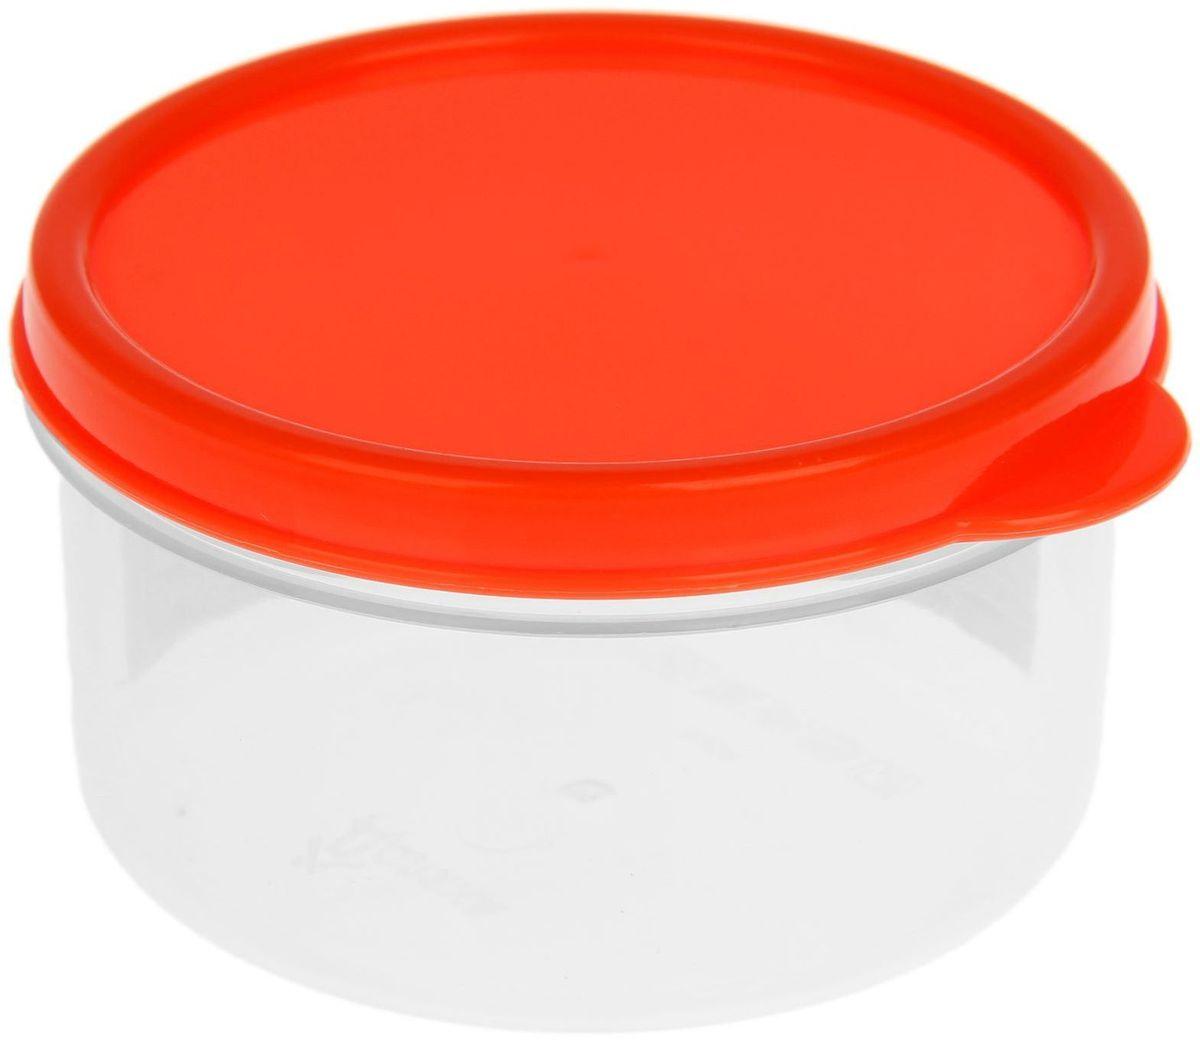 Контейнер пищевой Доляна, цвет: прозрачный, оранжевый, 150 мл1333814Если после вкусного обеда осталась еда, а насладиться трапезой хочется и на следующий день, пищевой контейнер Доляна станет отличным решением данной проблемы!Такой контейнер является незаменимым предметом кухонной утвари, ведь у него много преимуществ:Простота ухода. Ланч-бокс достаточно промыть теплой водой с небольшим количеством чистящего средства, и он снова готов к использованию.Вместительность. Большой выбор форм и объема поможет разместить разнообразные продукты от сахара до супов.Эргономичность. Ланч-боксы очень легко хранить даже в самой маленькой кухне, так как их можно поставить один в другой по принципу матрешки.Многофункциональность. Разнообразие цветов и форм делает возможным использование контейнеров не только на кухне, но и в других областях домашнего быта.Любители приготовления обеда на всю семью в большинстве случаев приобретают контейнеры наборами, так как это позволяет рассортировать продукты по всевозможным признакам. К тому же контейнеры среднего размера станут незаменимыми помощниками на работе: ведь что может быть приятнее, чем порадовать себя во время обеда прекрасной едой, заботливо сохраненной в контейнере?В качестве материала для изготовления используется пластик, что делает процесс ухода за контейнером еще более эффективным. К каждому ланч-боксу в комплекте также прилагается крышка подходящего размера, это позволяет плотно и надёжно удерживать запах еды и упрощает процесс транспортировки.Однако рекомендуется соблюдать и меры предосторожности: не использовать пластиковые контейнеры в духовых шкафах и на открытом огне, а также не разогревать в микроволновых печах при закрытой крышке контейнера. Соблюдение мер безопасности позволит продлить срок эксплуатации и сохранить отличный внешний вид изделия.